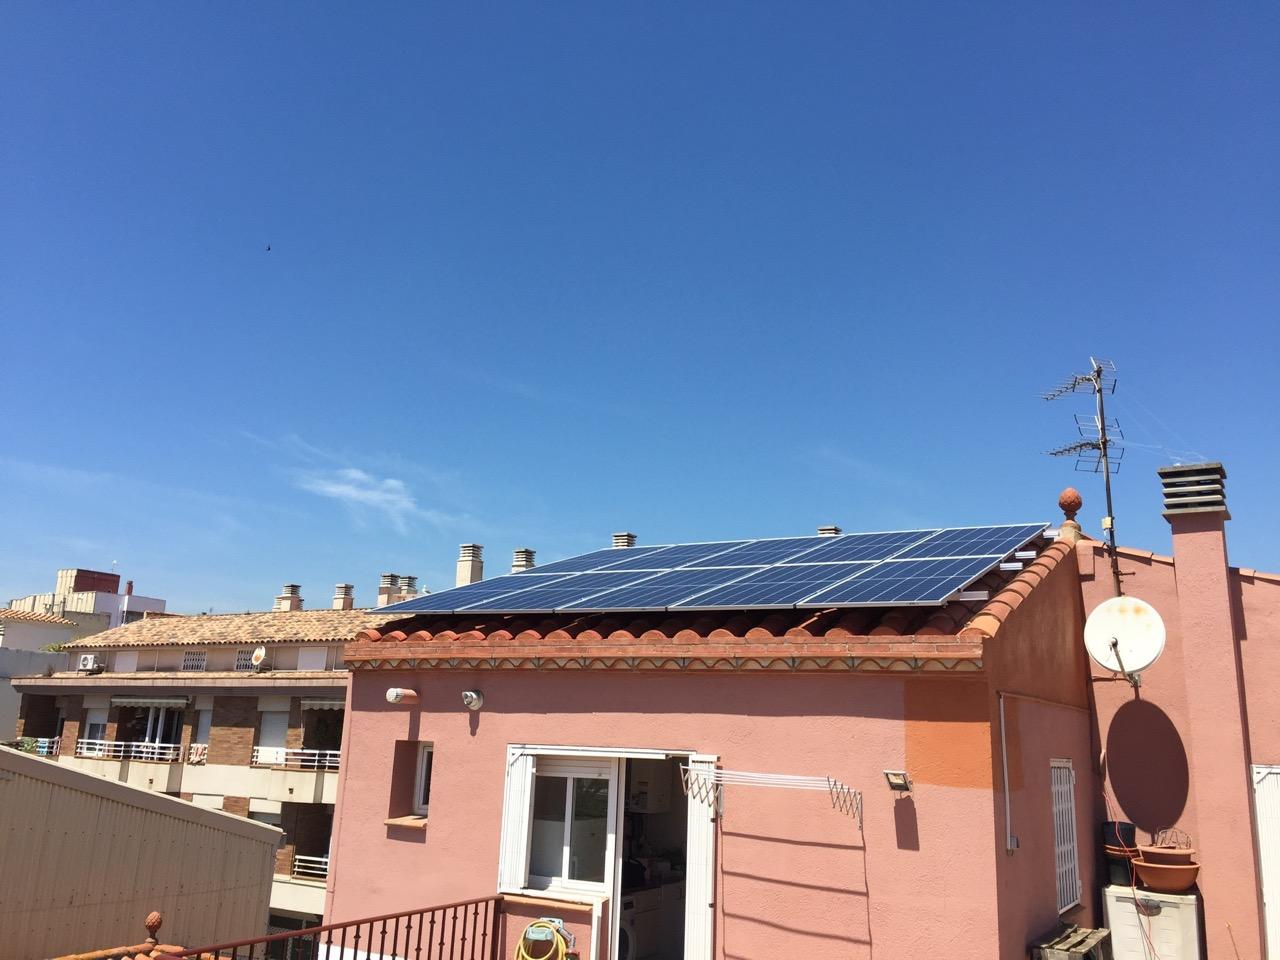 Instalación residencial – 3 kW